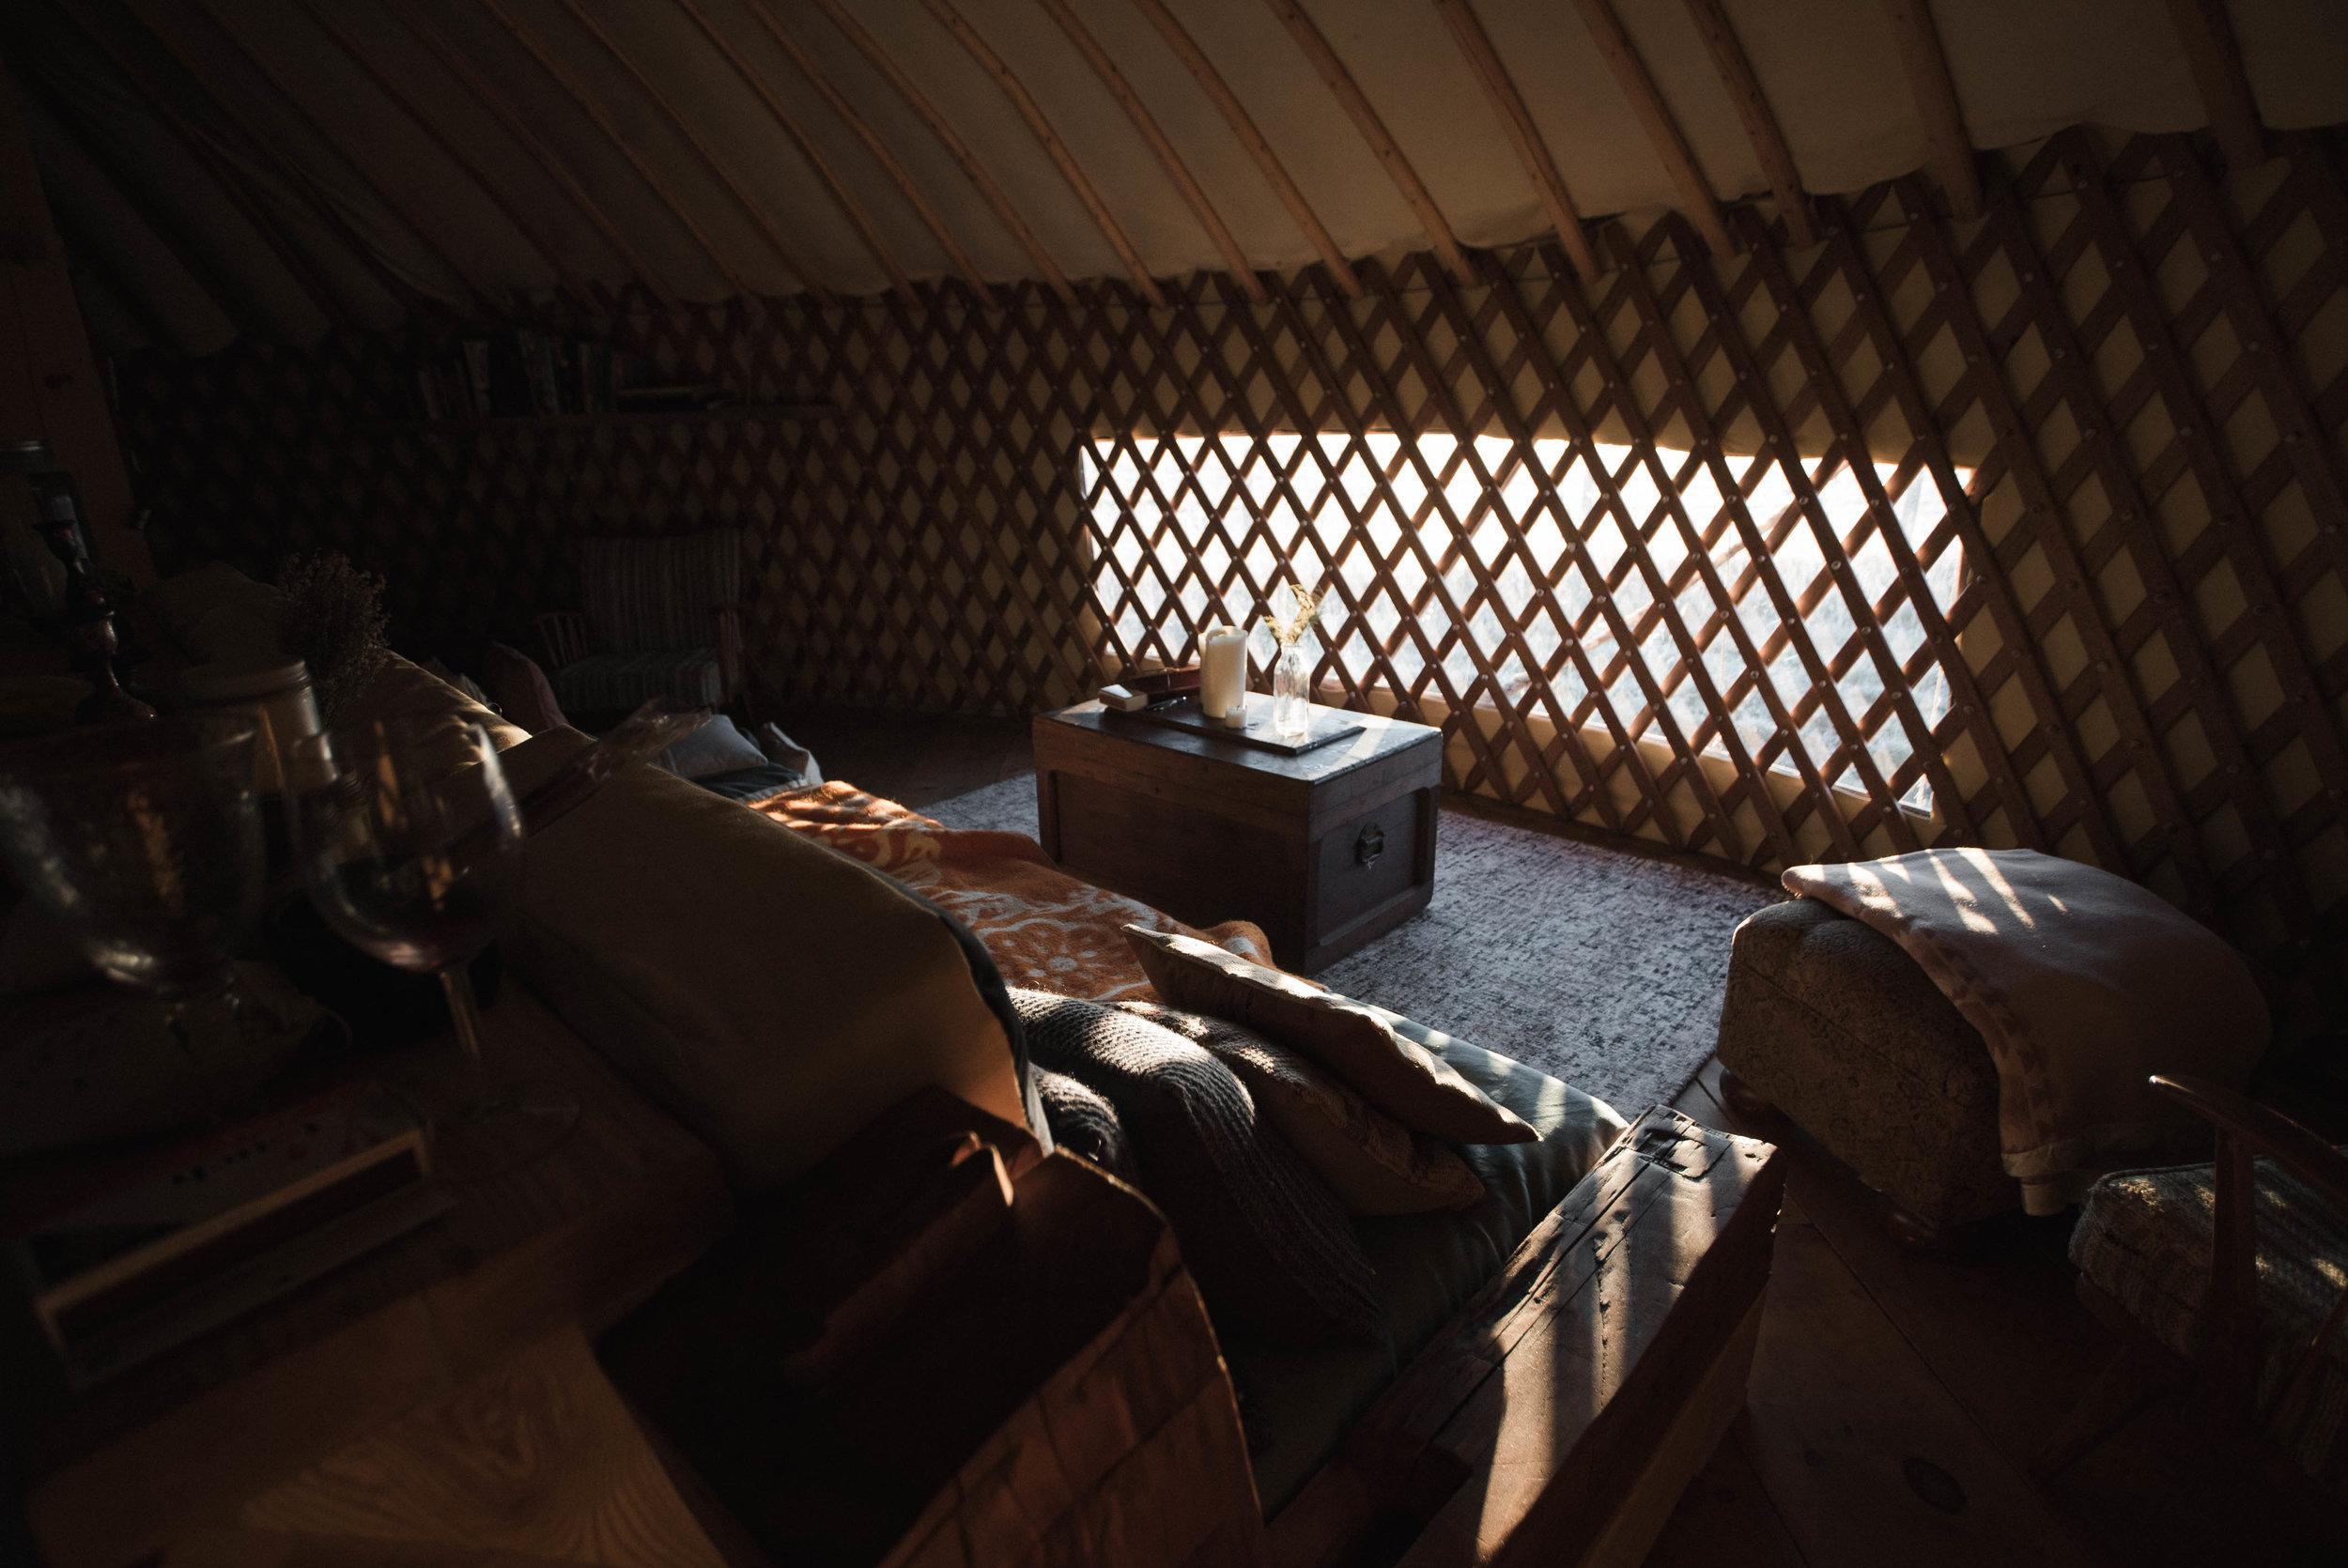 Yurt Camping at the Buffalo Farm